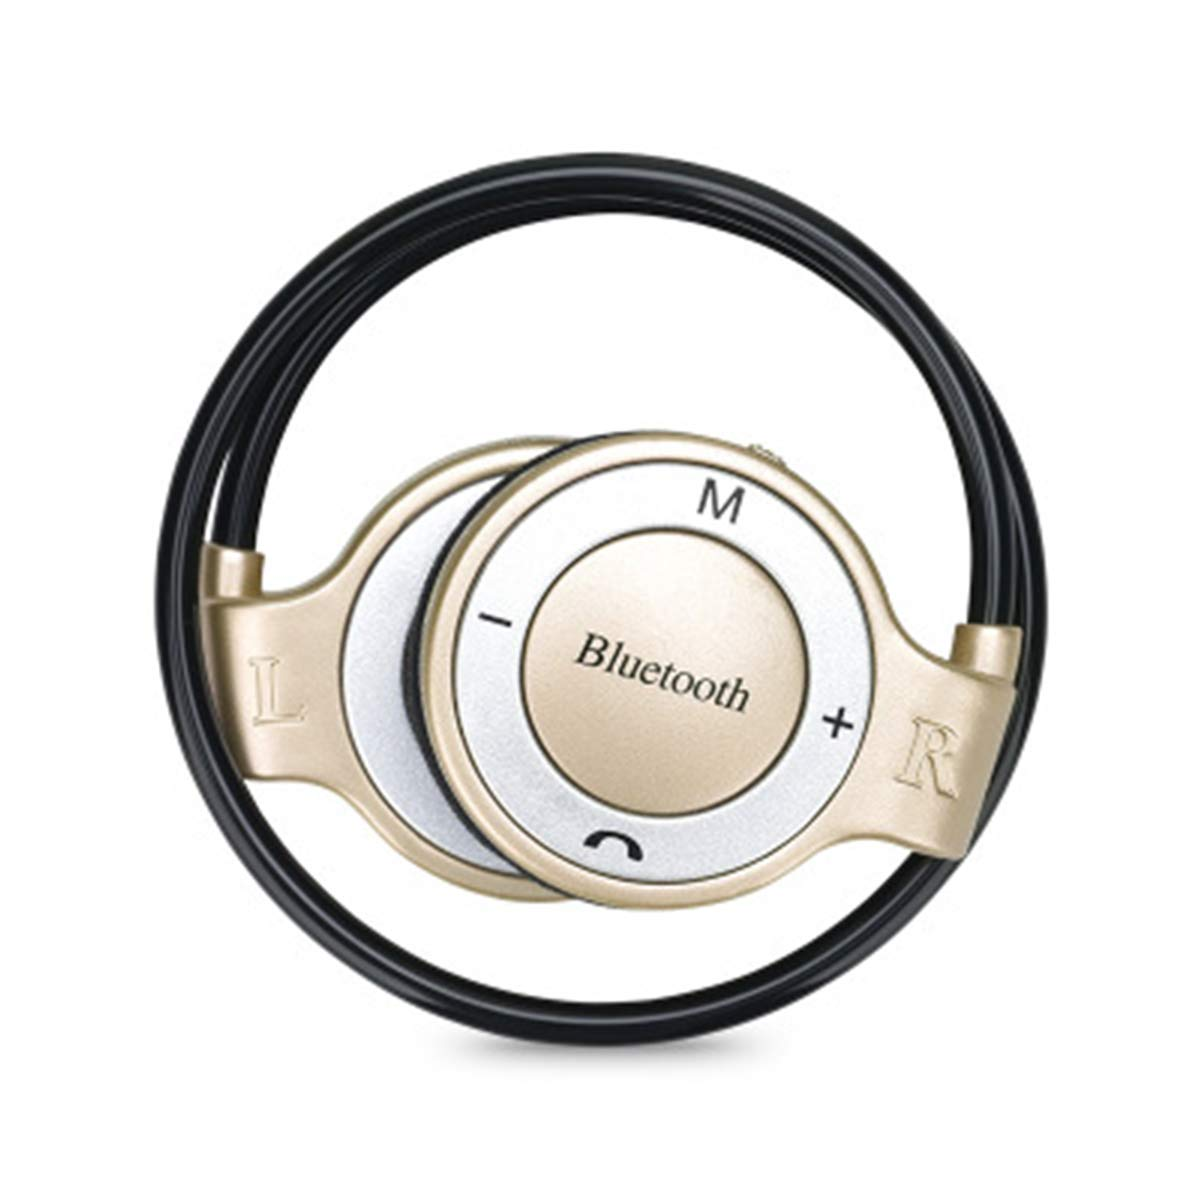 TFカードメモリ拡張スポーツバックイヤーフック Bluetoothイヤホン ビジネスステレオヘッドセット マイク&ボリュームコントロール付き (カラー:ゴールド) B07MCNL2FQ